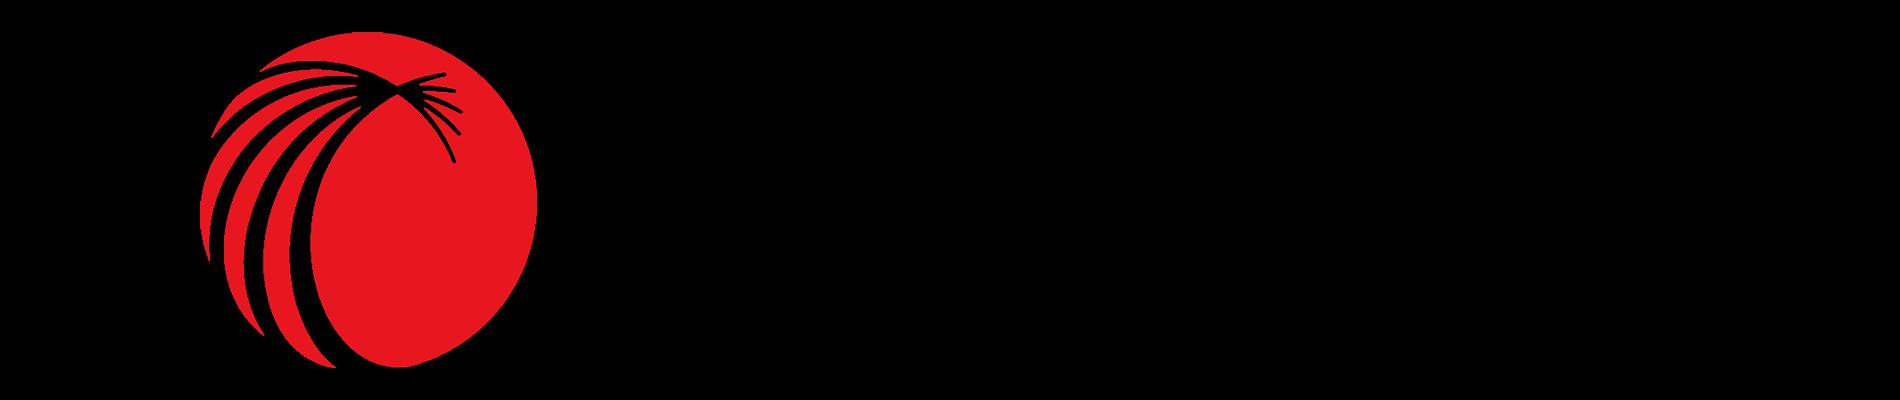 logo, lexisnexis, dataset, Taxonomy, partners, LexisNexis